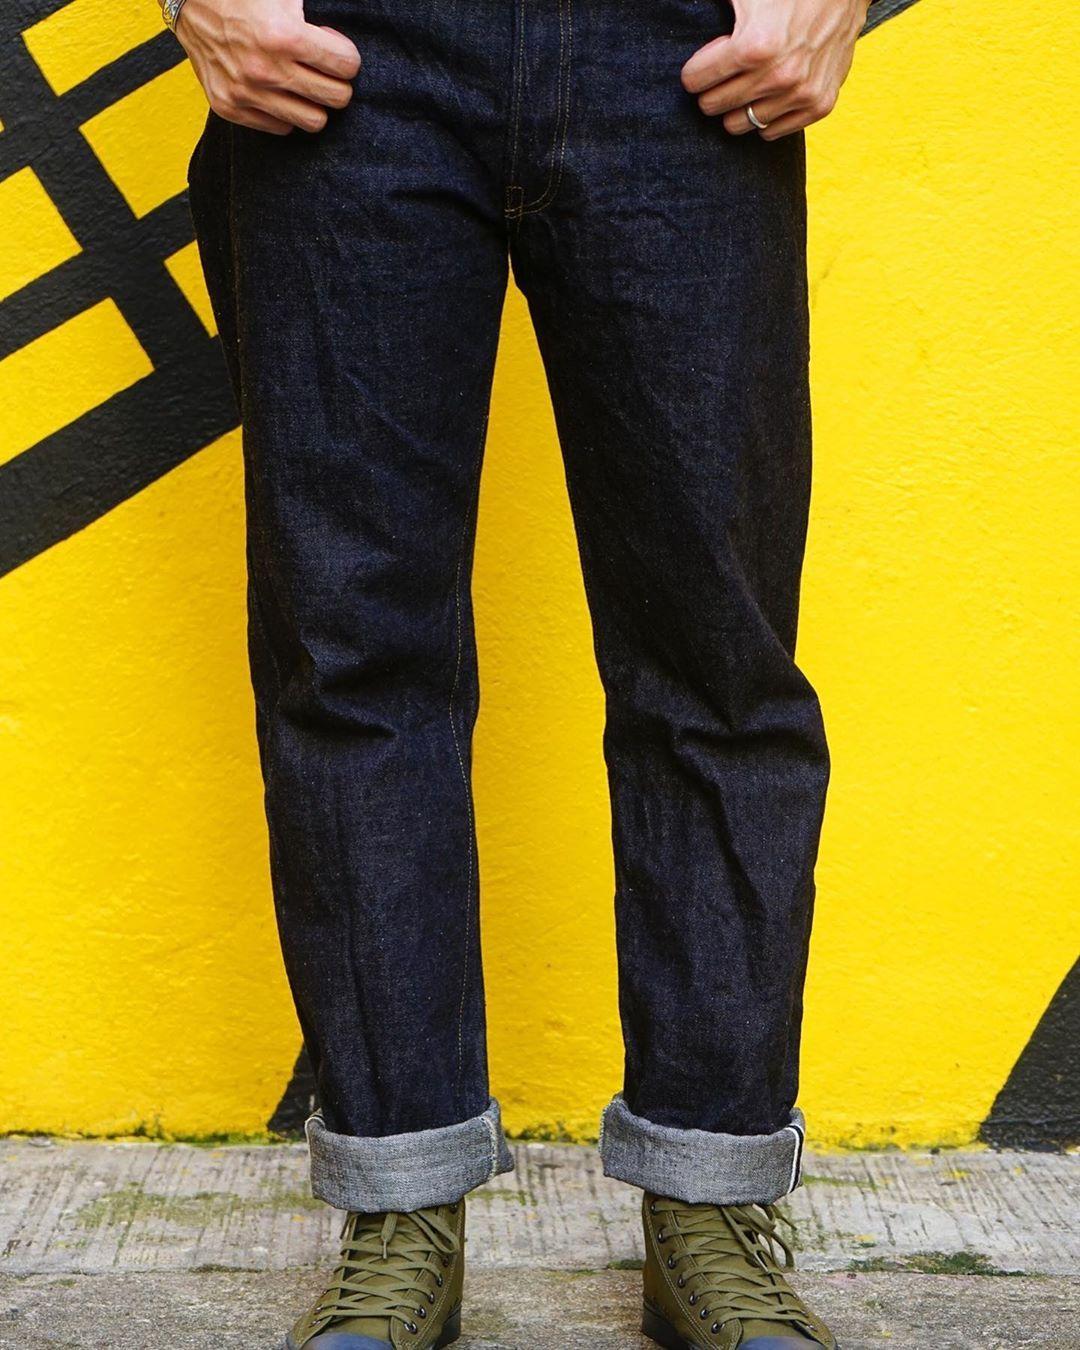 Warehouse Dd 1003sxx 1943 Model One Wash 每一次有新的 Warehouse 牛仔褲到店都住住在短時間內斷碼 原因是他們出品的牛仔褲細節及質感實在太出色了 Keychain Diy Gifts